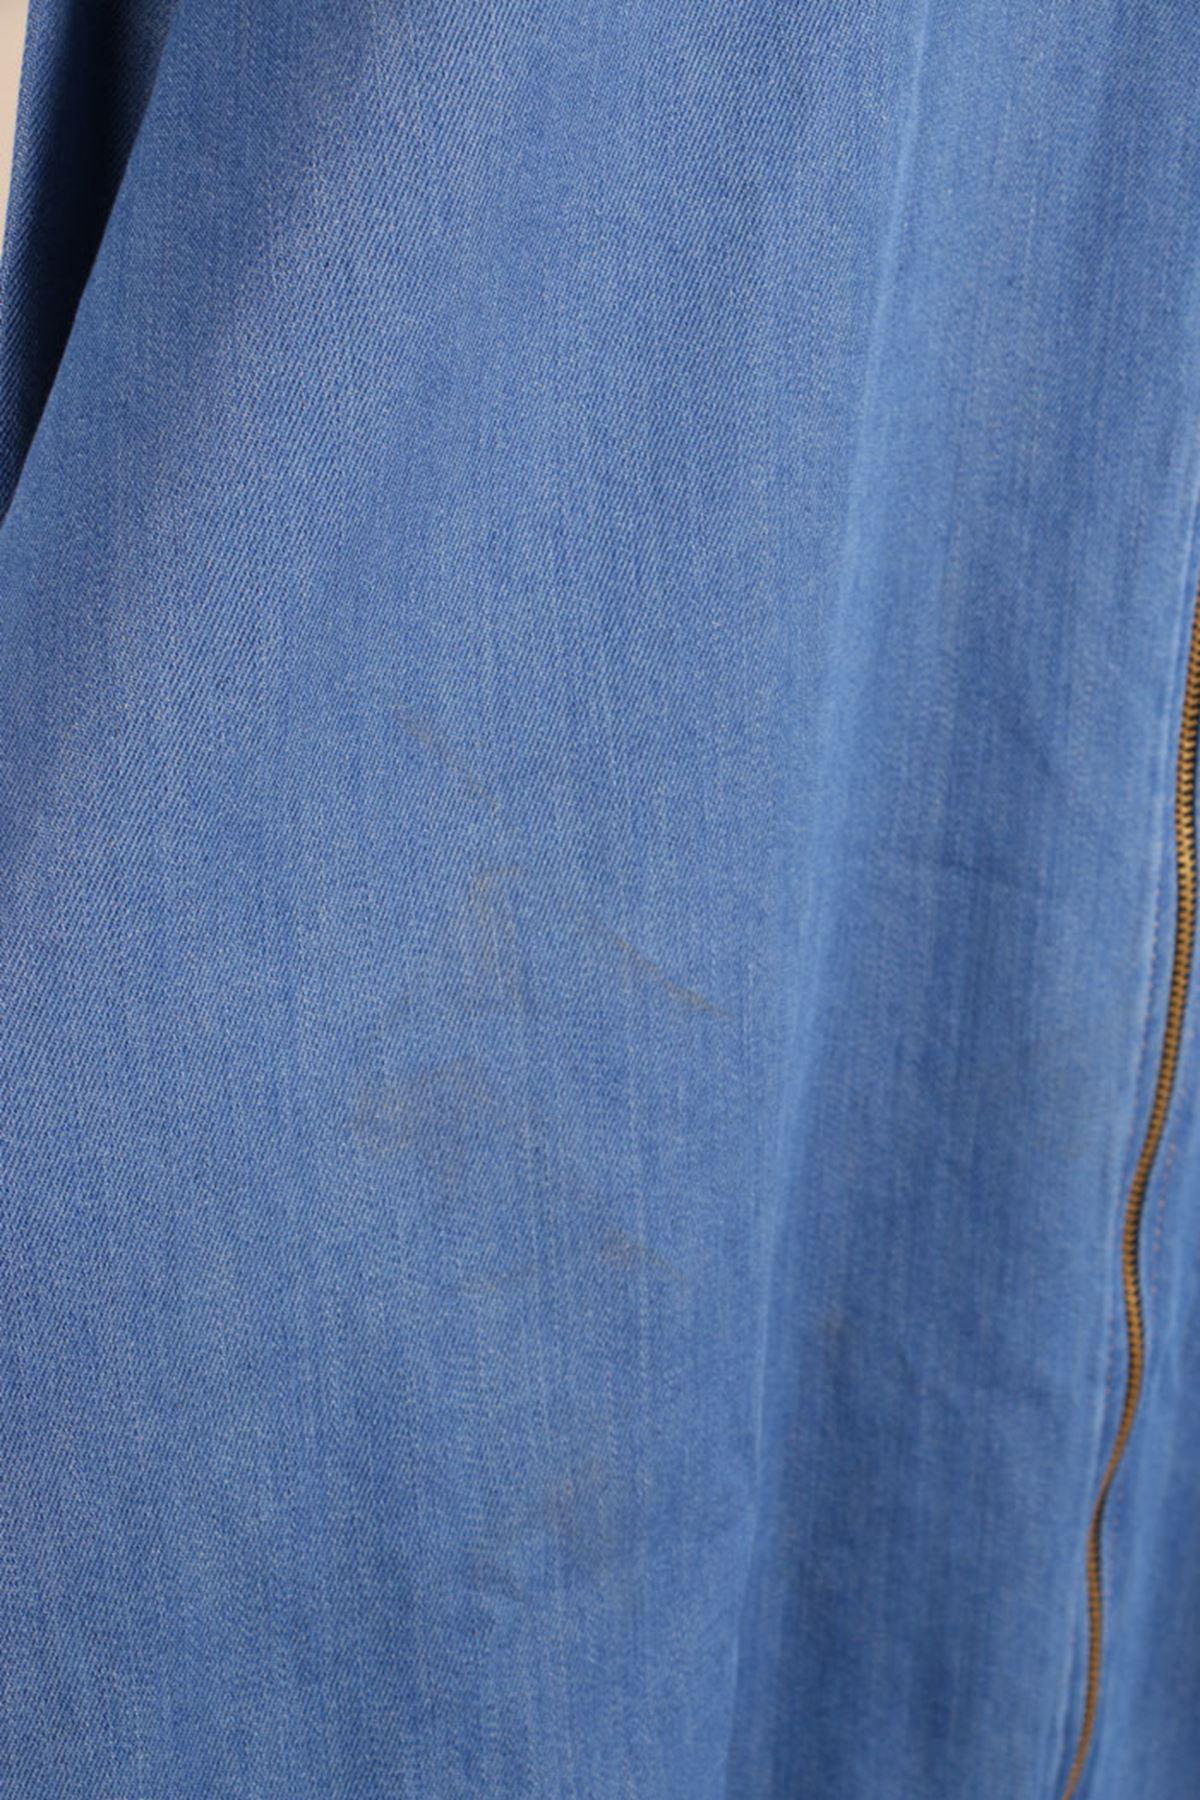 D-3105-1 Büyük Beden Defolu Fermuarlı Kalın Kot Kap- Mavi